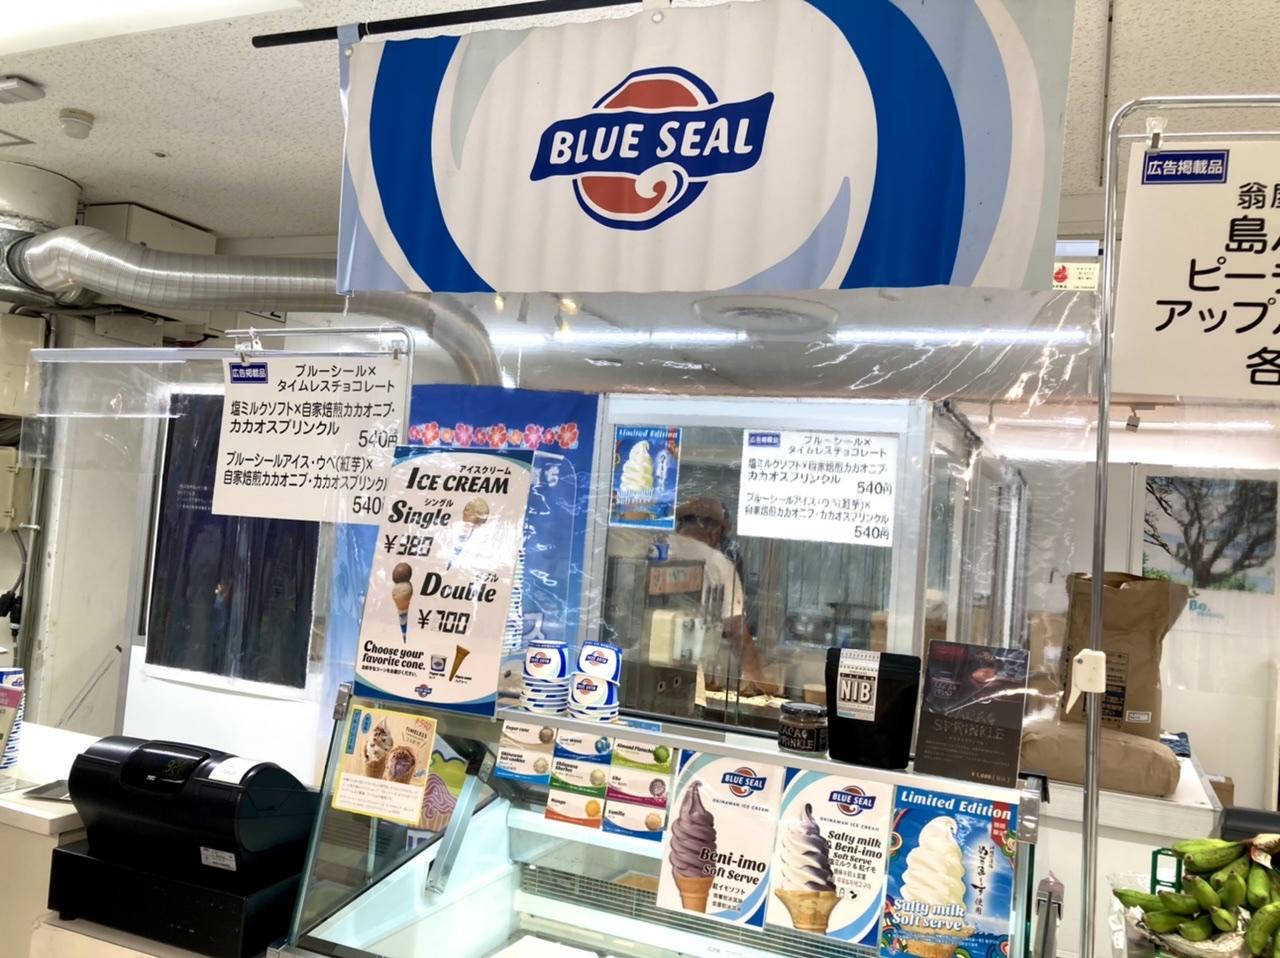 【沖縄物産展】東武池袋で開催している九州•沖縄物産展へ行ってきました。_3